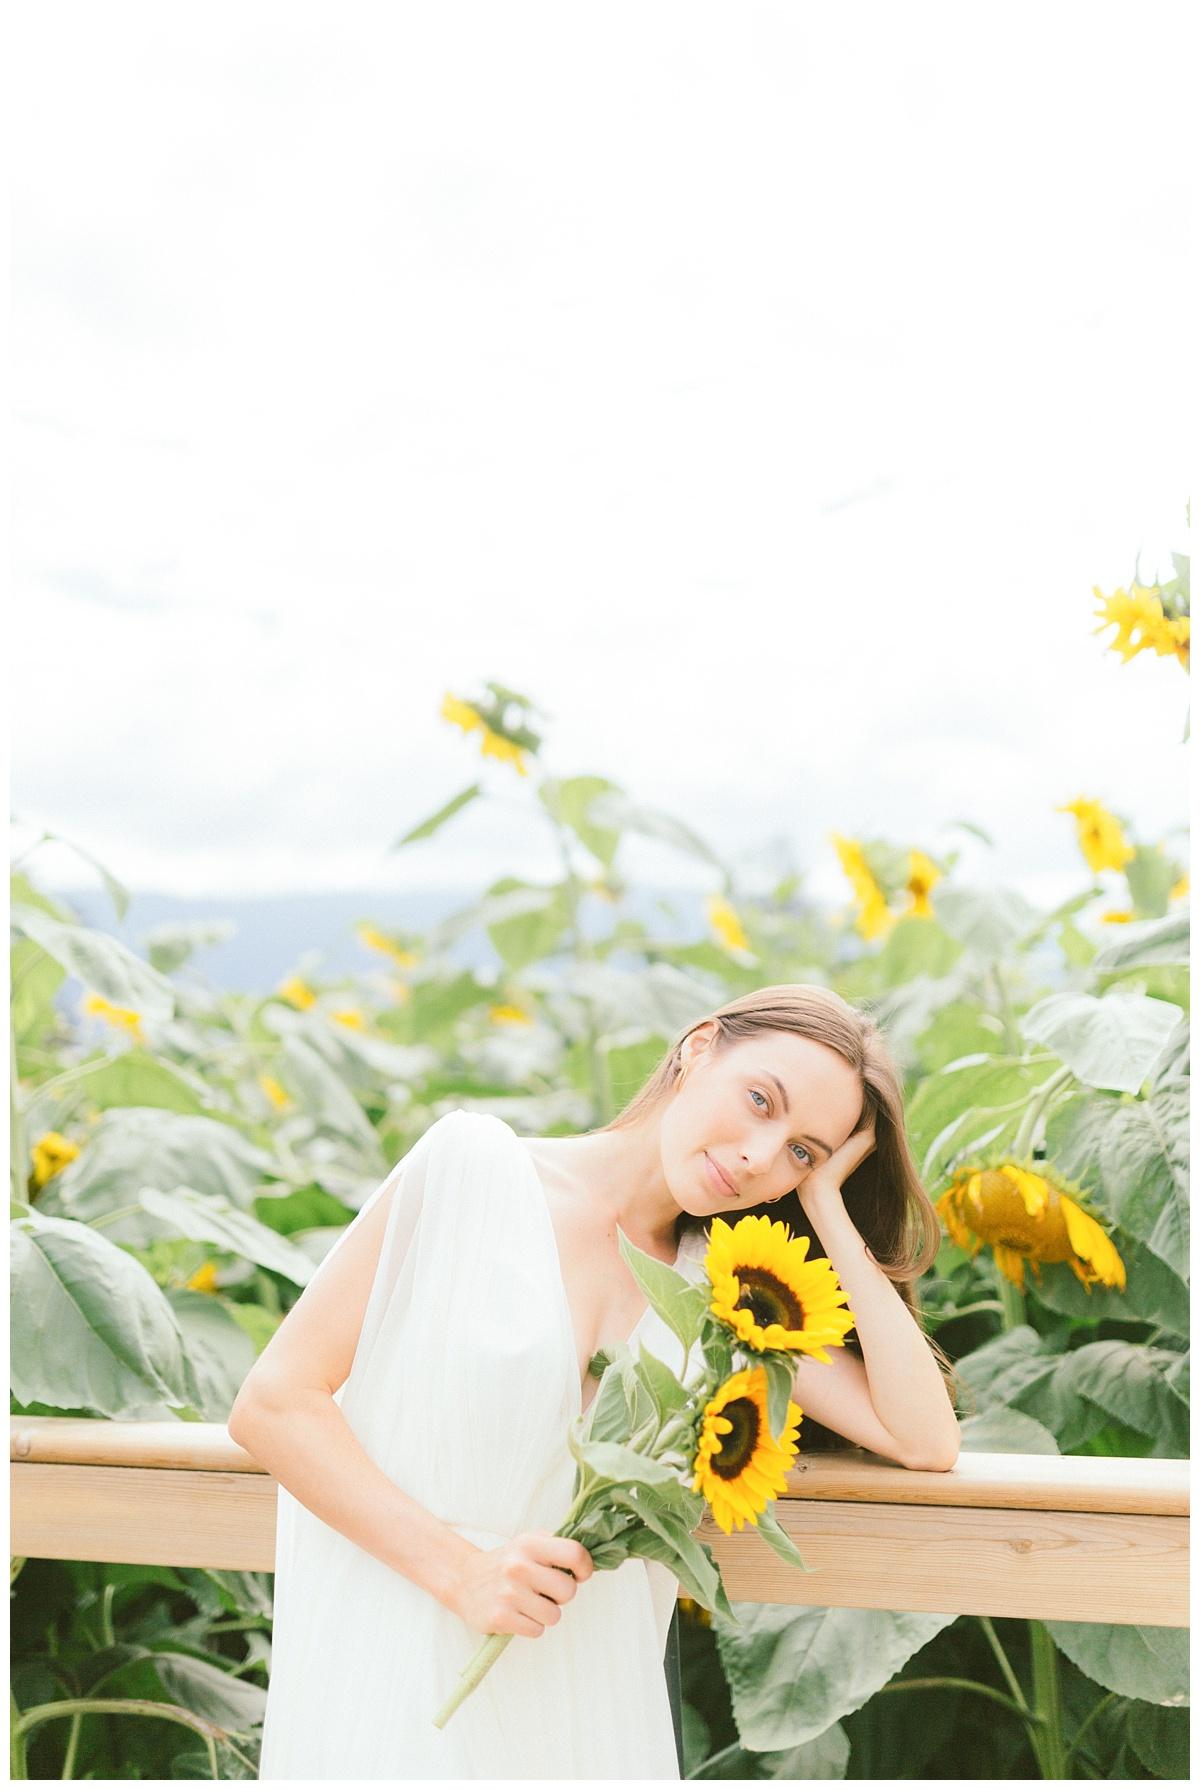 Hong Kong Vancouver Fine Art Wedding Photographer Mattie C. 111.jpg